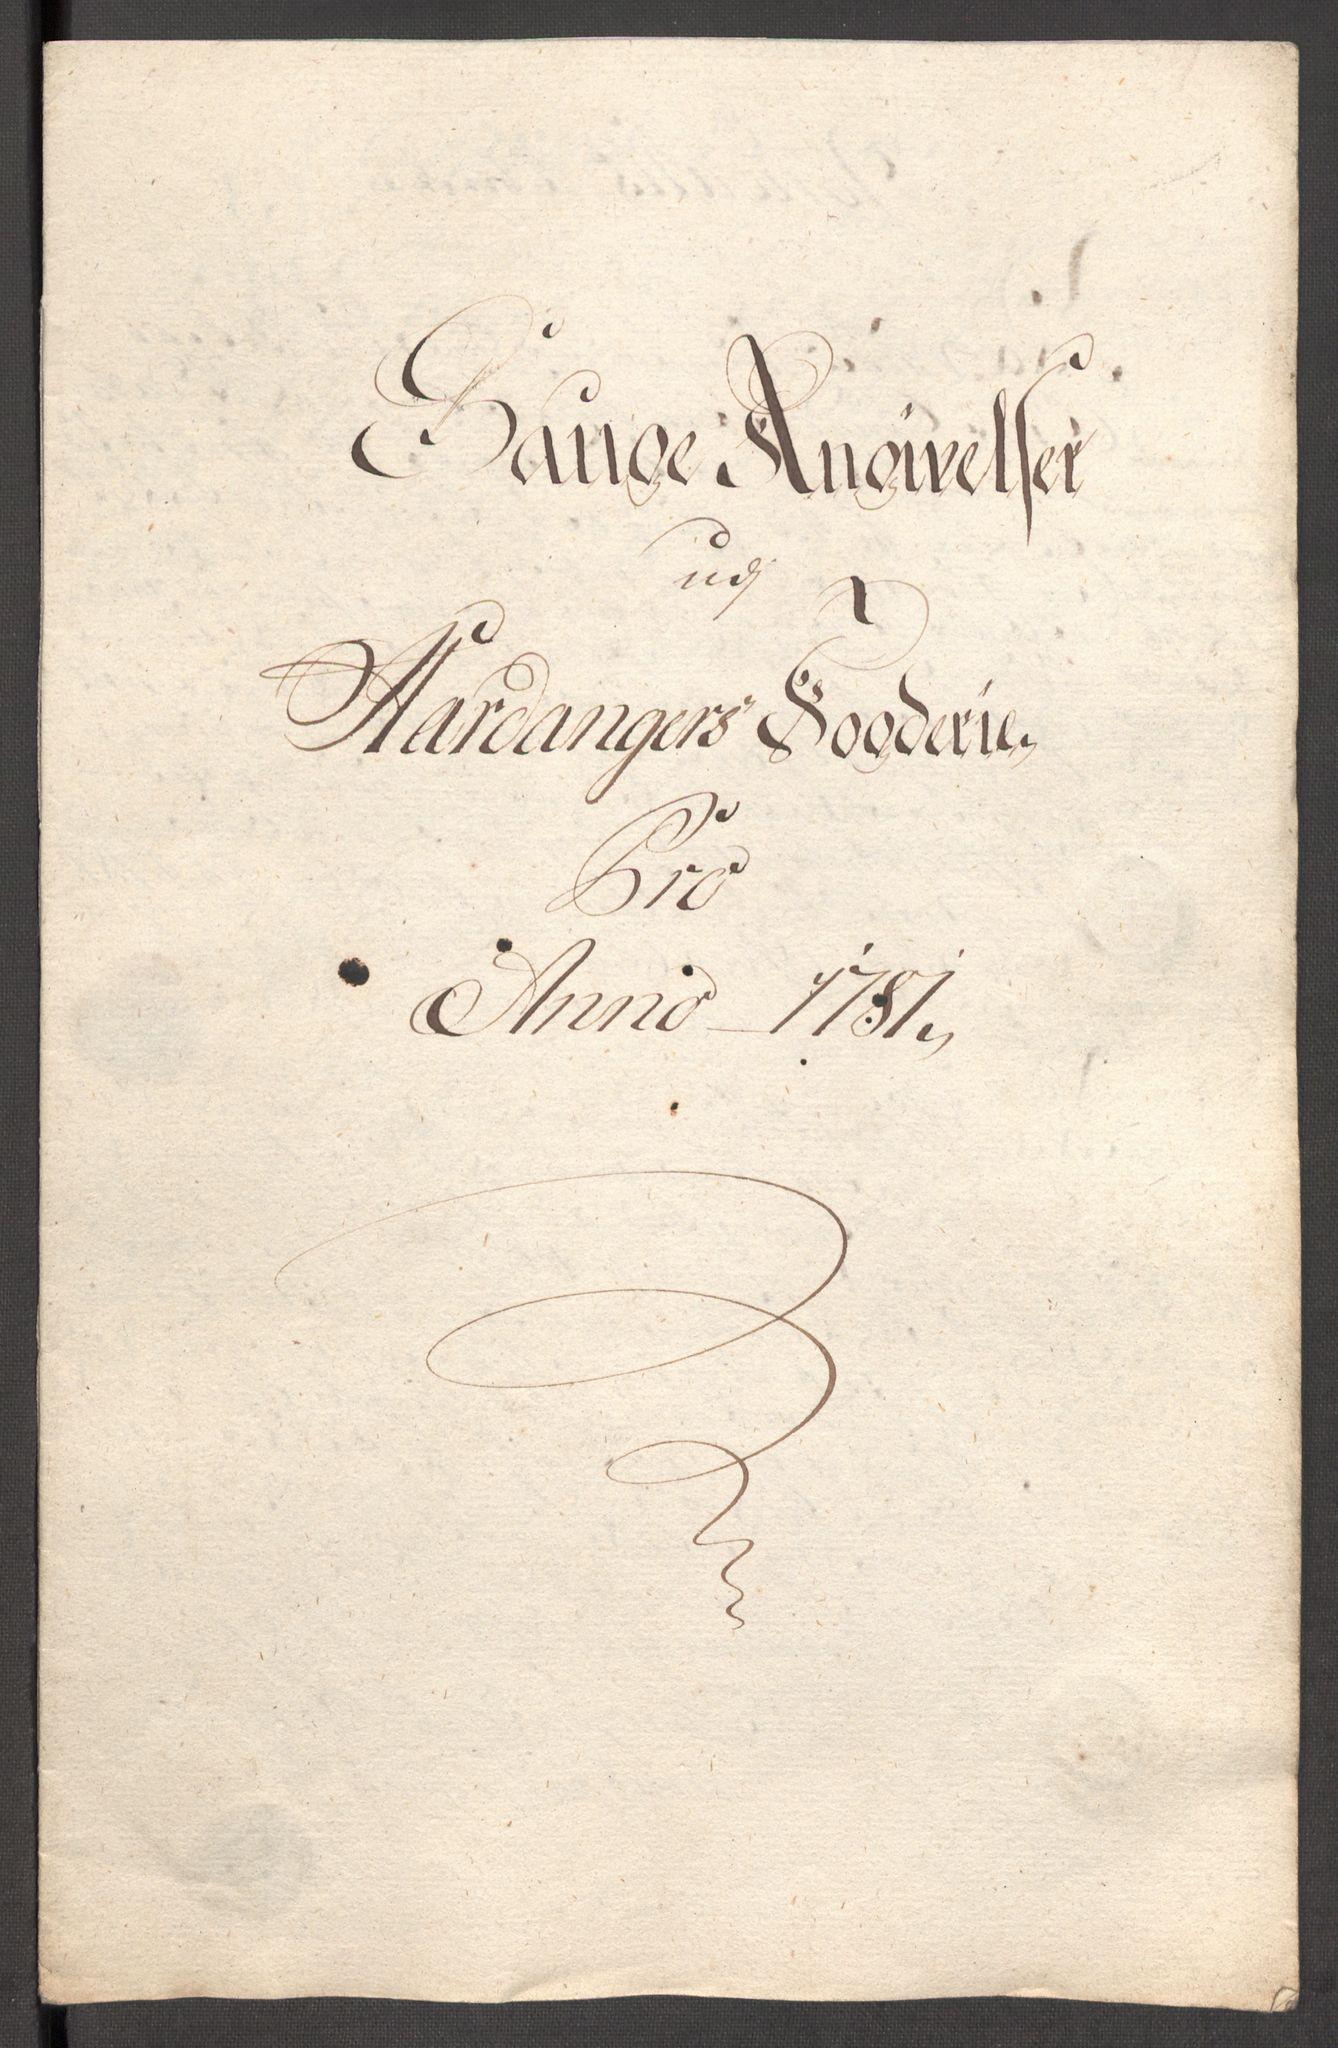 RA, Rentekammeret inntil 1814, Reviderte regnskaper, Fogderegnskap, R48/L3097: Fogderegnskap Sunnhordland og Hardanger, 1781, s. 235